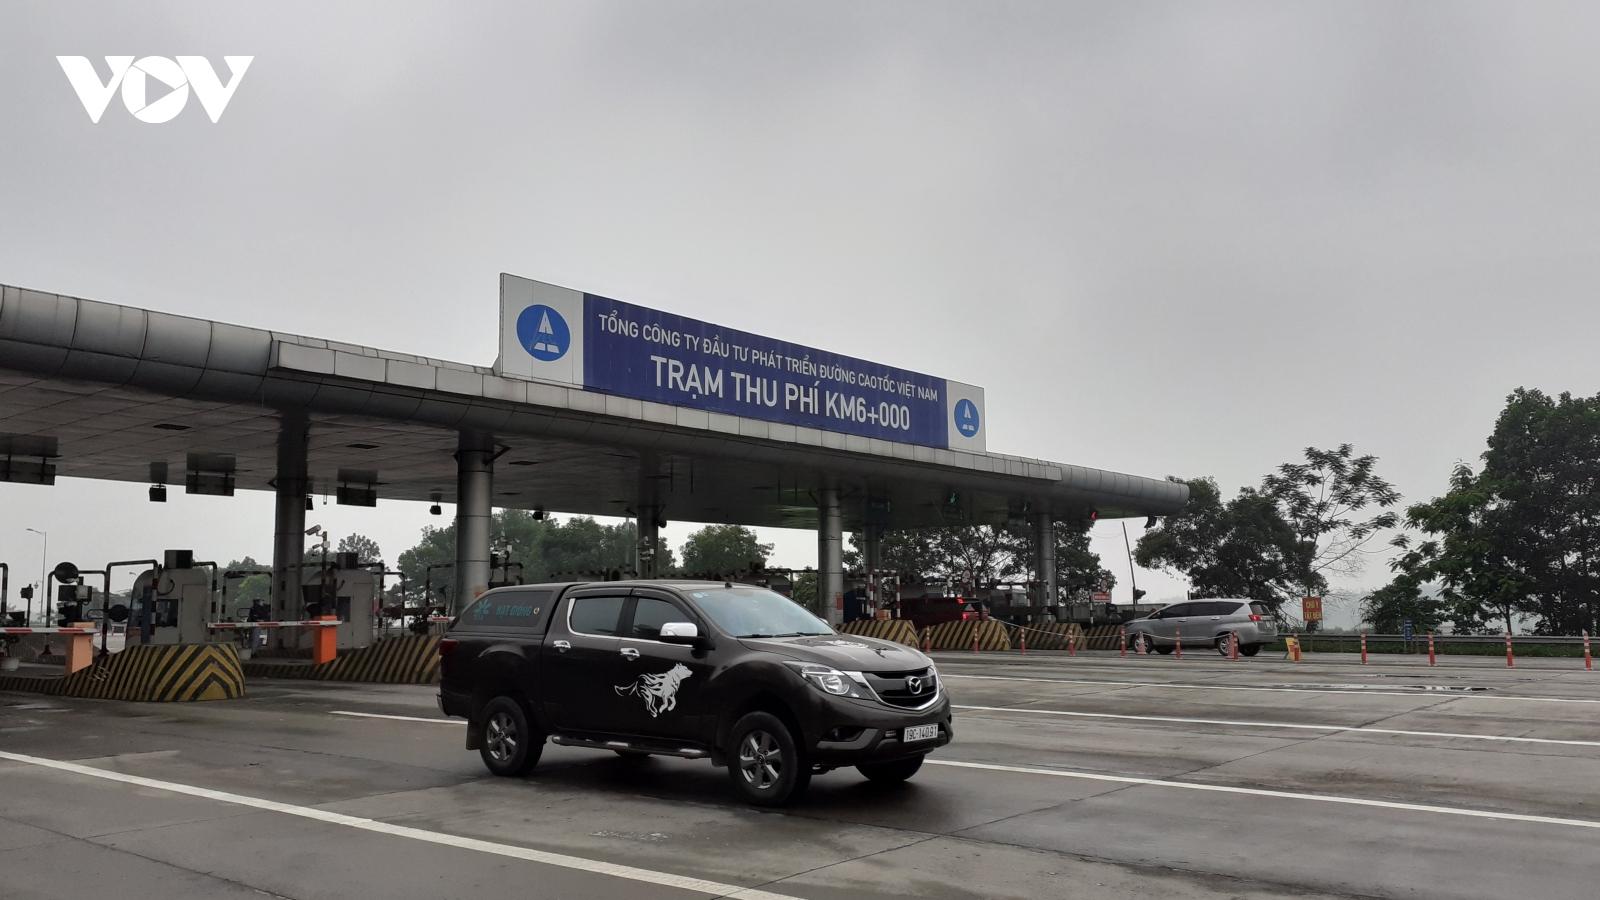 Tiến độnút giaoPhốLu tại Cao tốc Hà Nội- Lào Cai đến đâu?